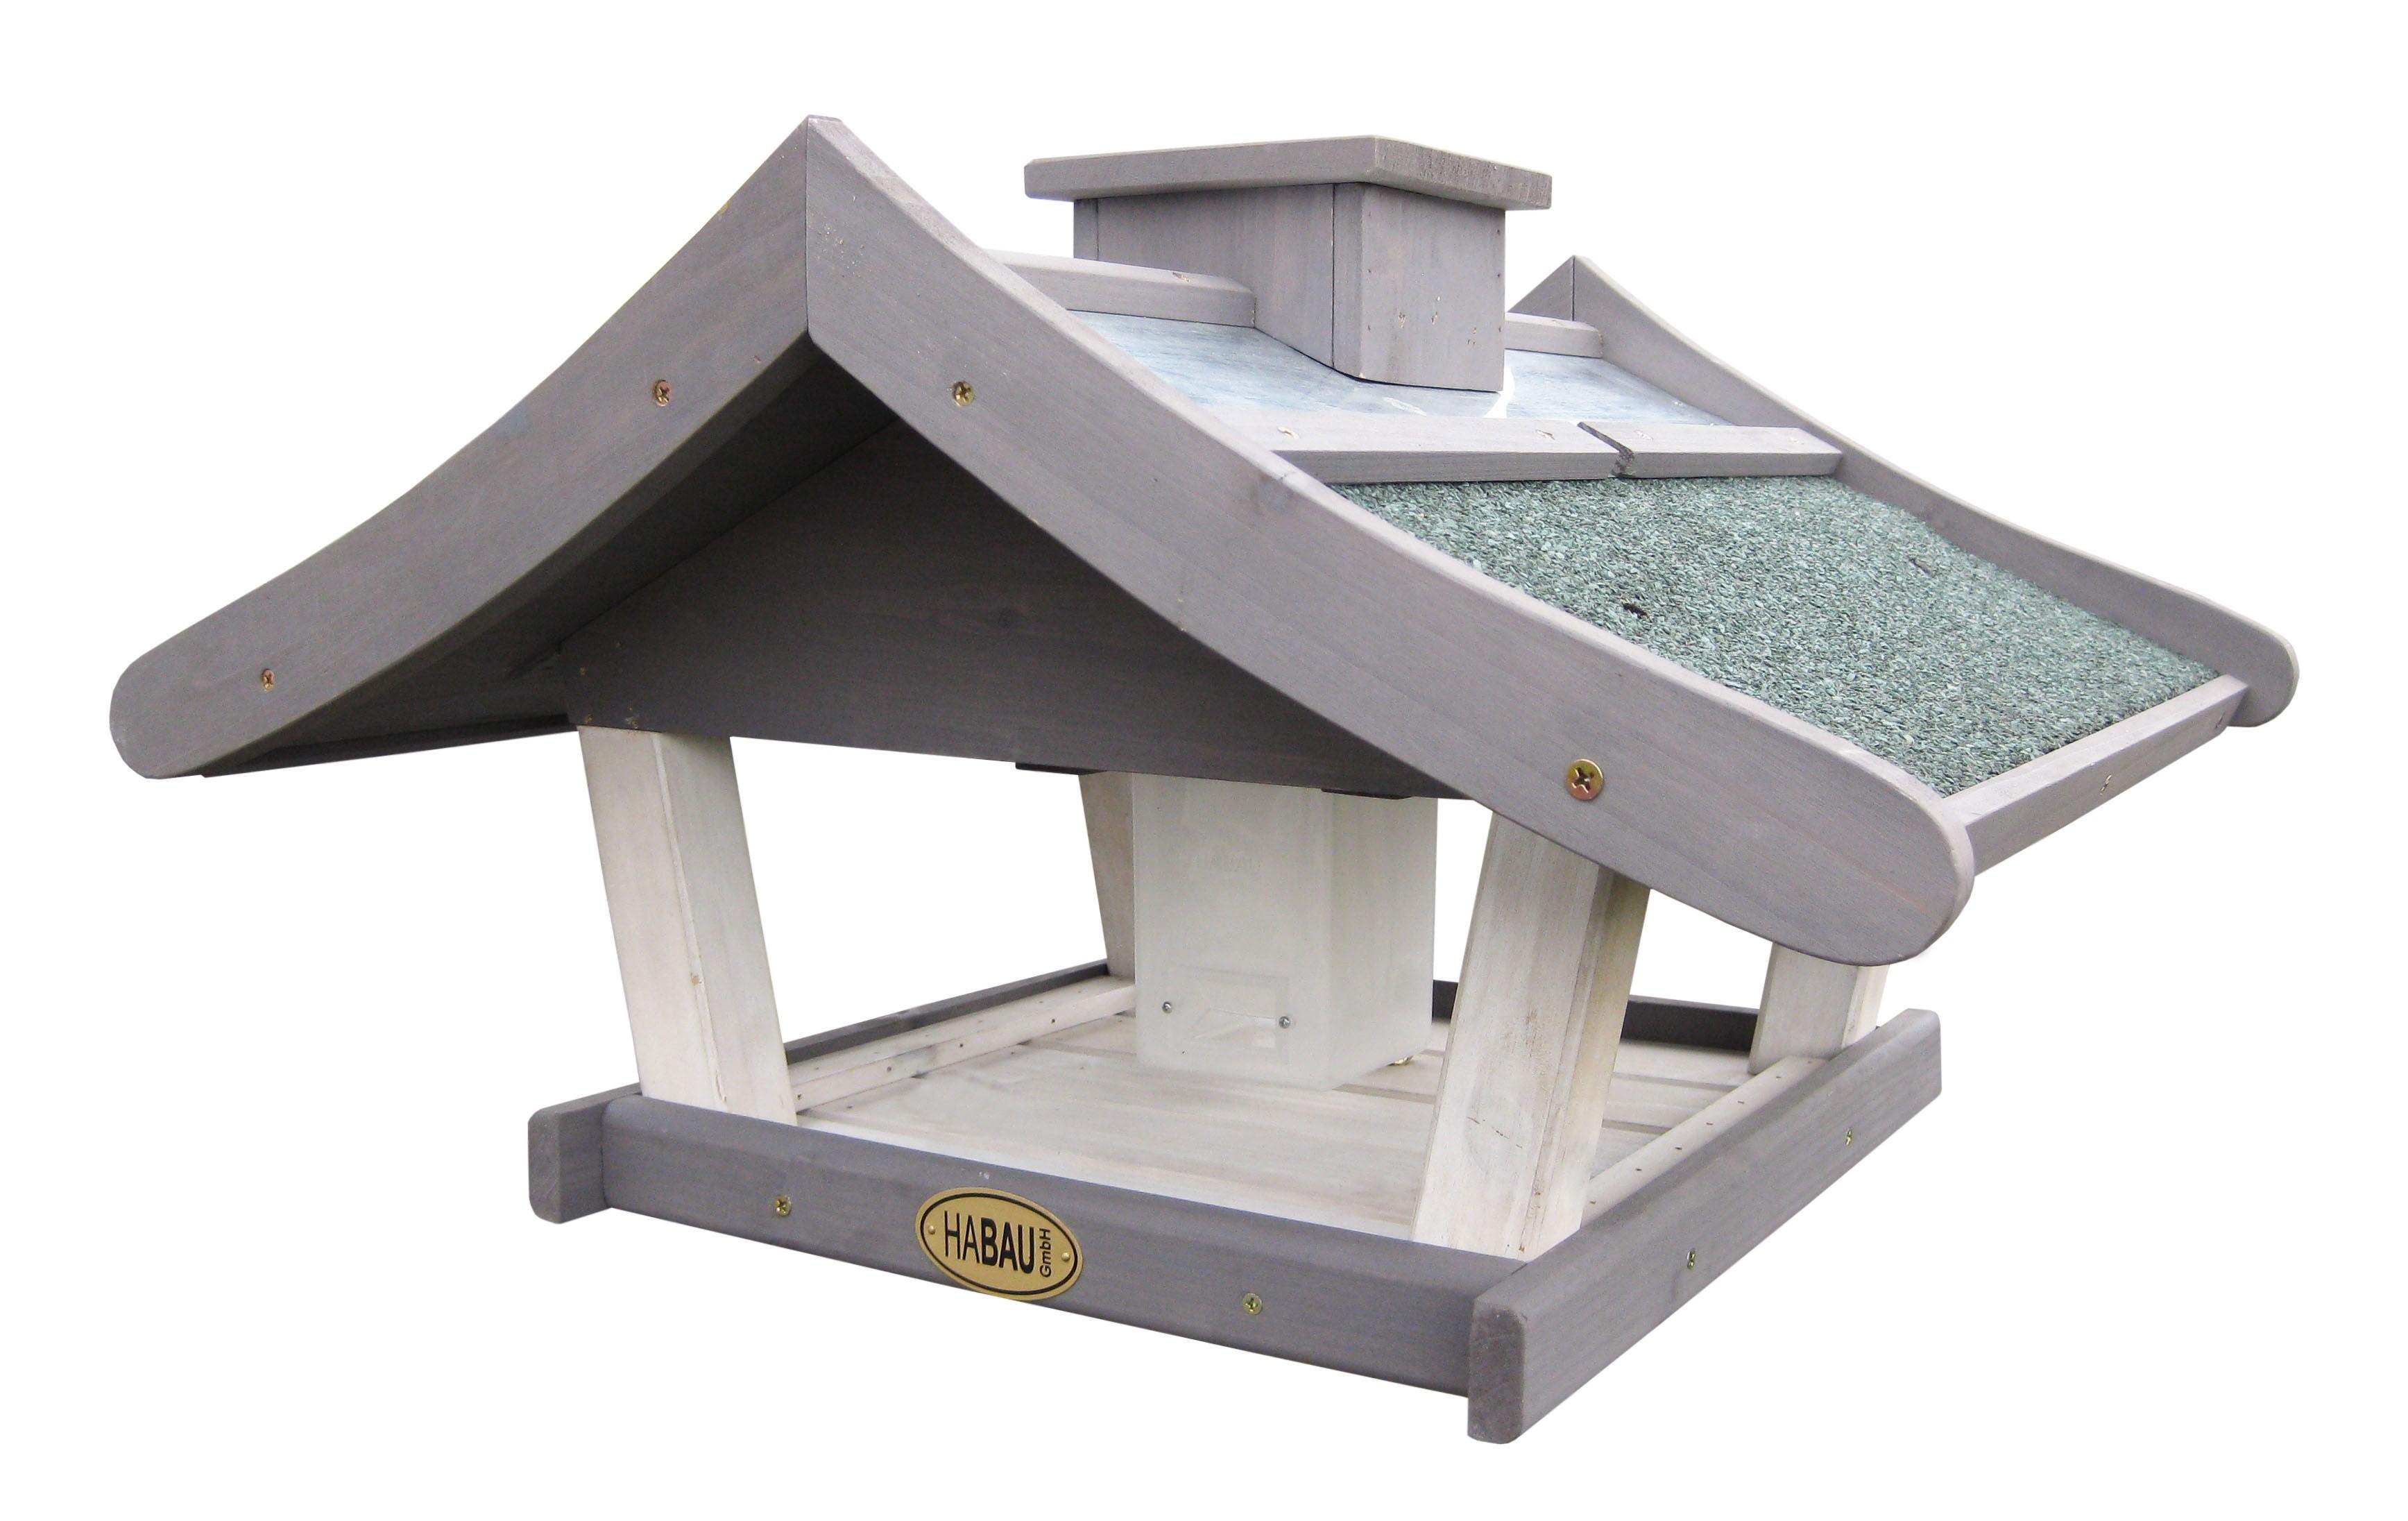 vogelhaus gr nland mit silo mit st nder bei. Black Bedroom Furniture Sets. Home Design Ideas